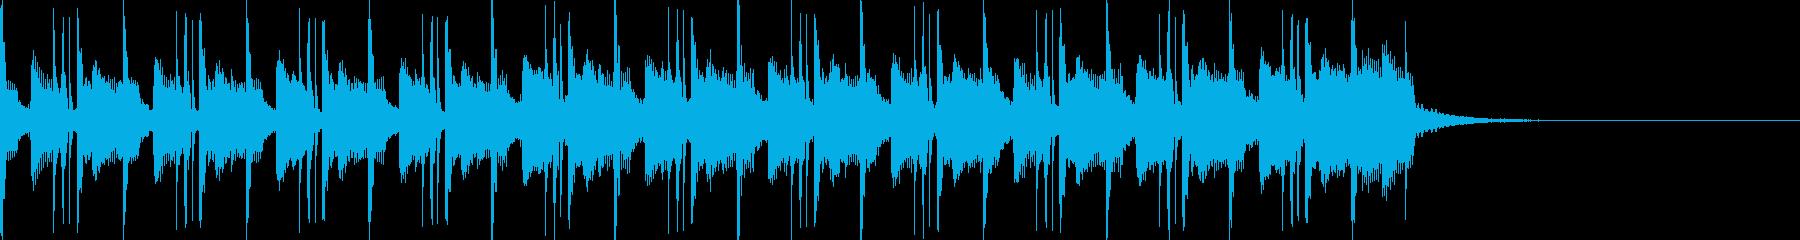 和風 琴 忍者 城下 温泉 テクノポップの再生済みの波形